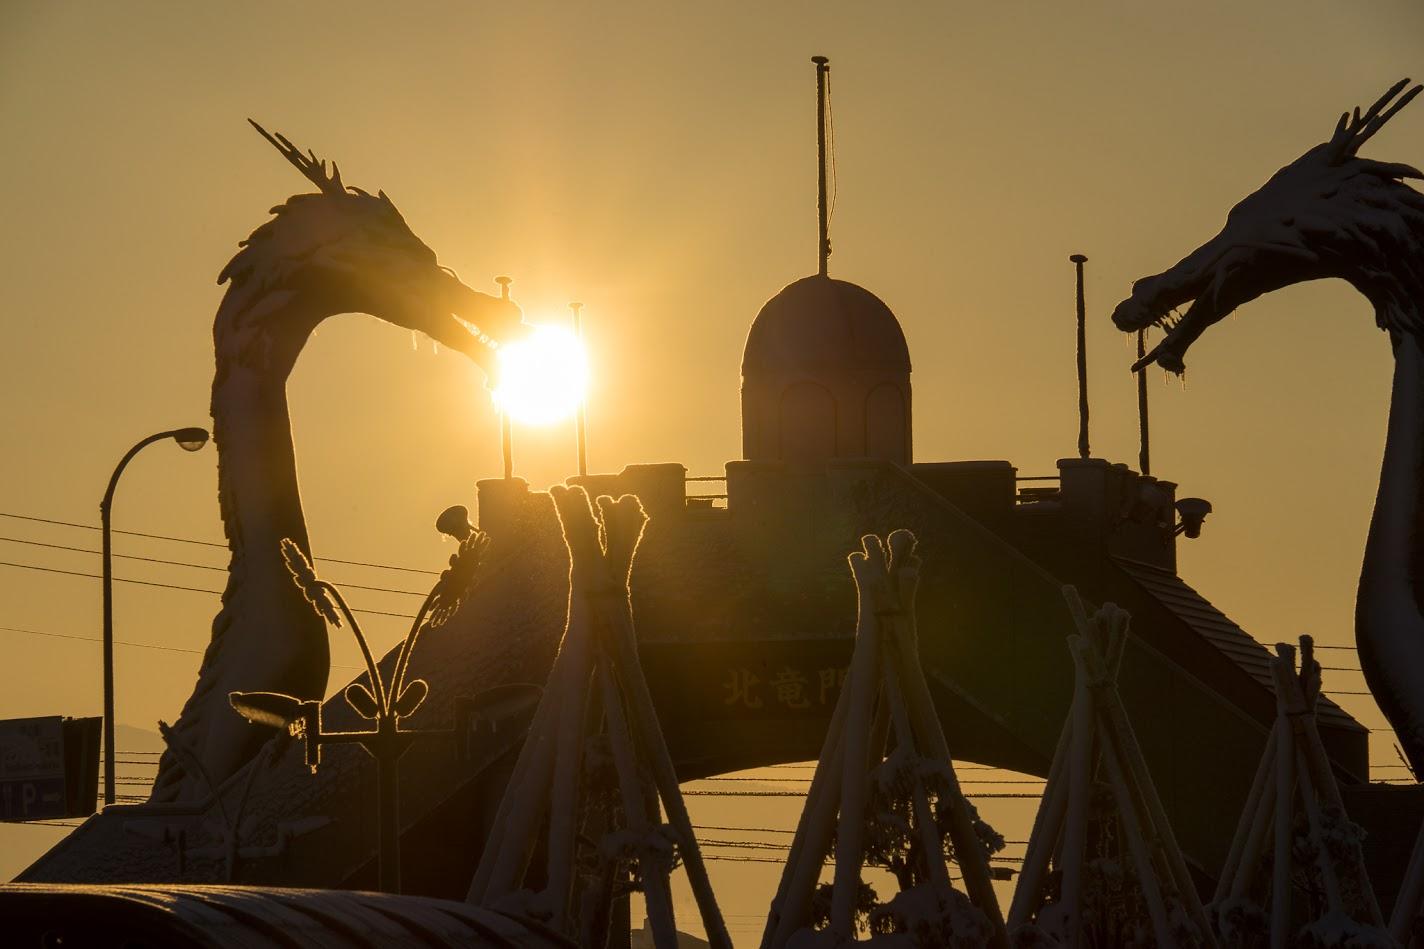 朝の光パワーを深呼吸する北竜門の竜たち